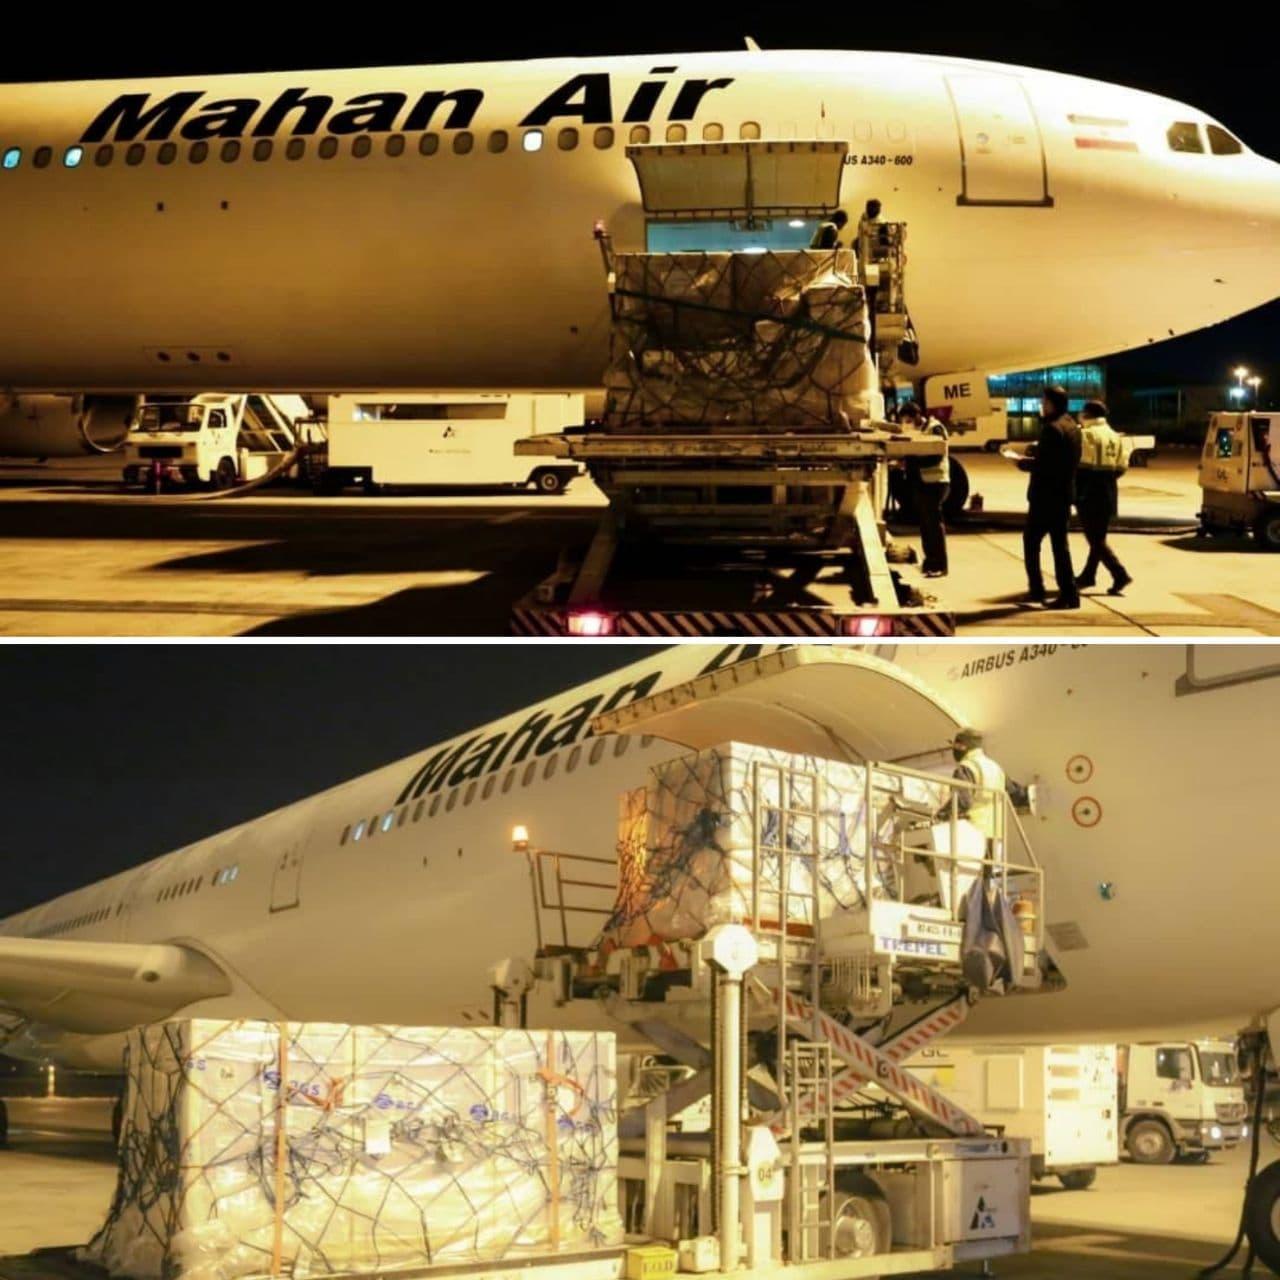 ورود اولین محموله واکسن سینوفارم از کشور چین به فرودگاه امام خمینی